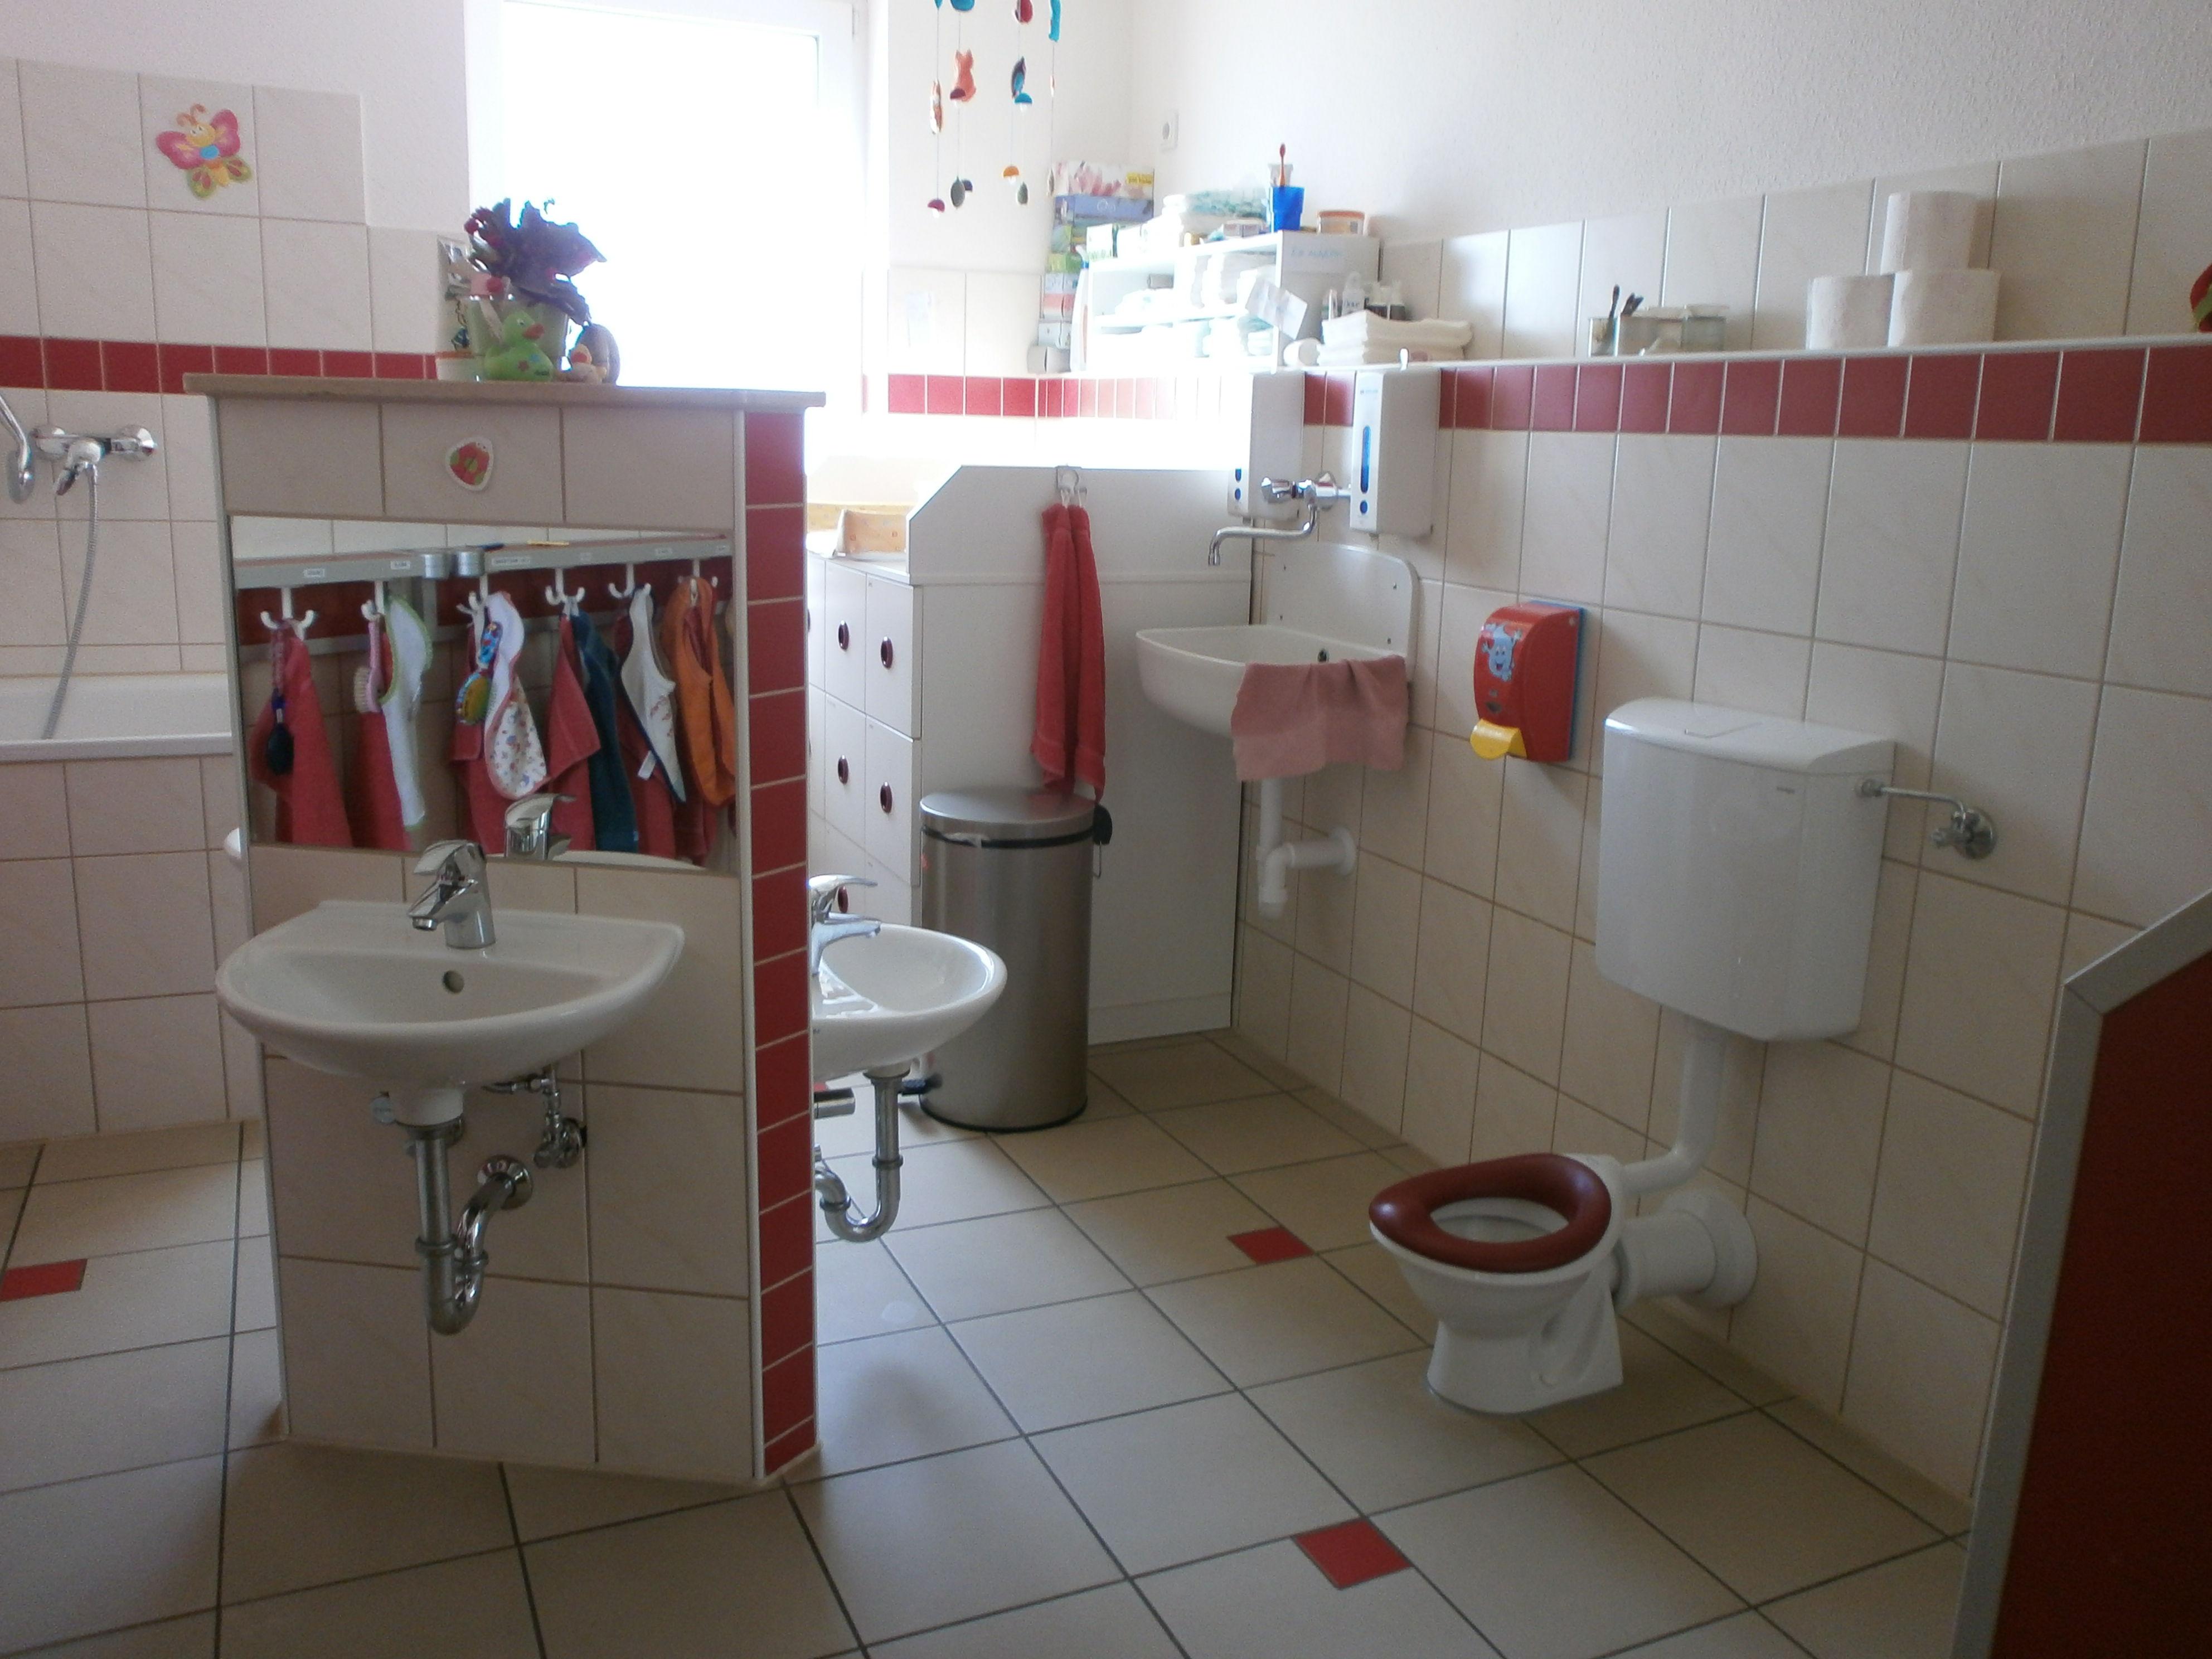 Wasch- und Wickelraum